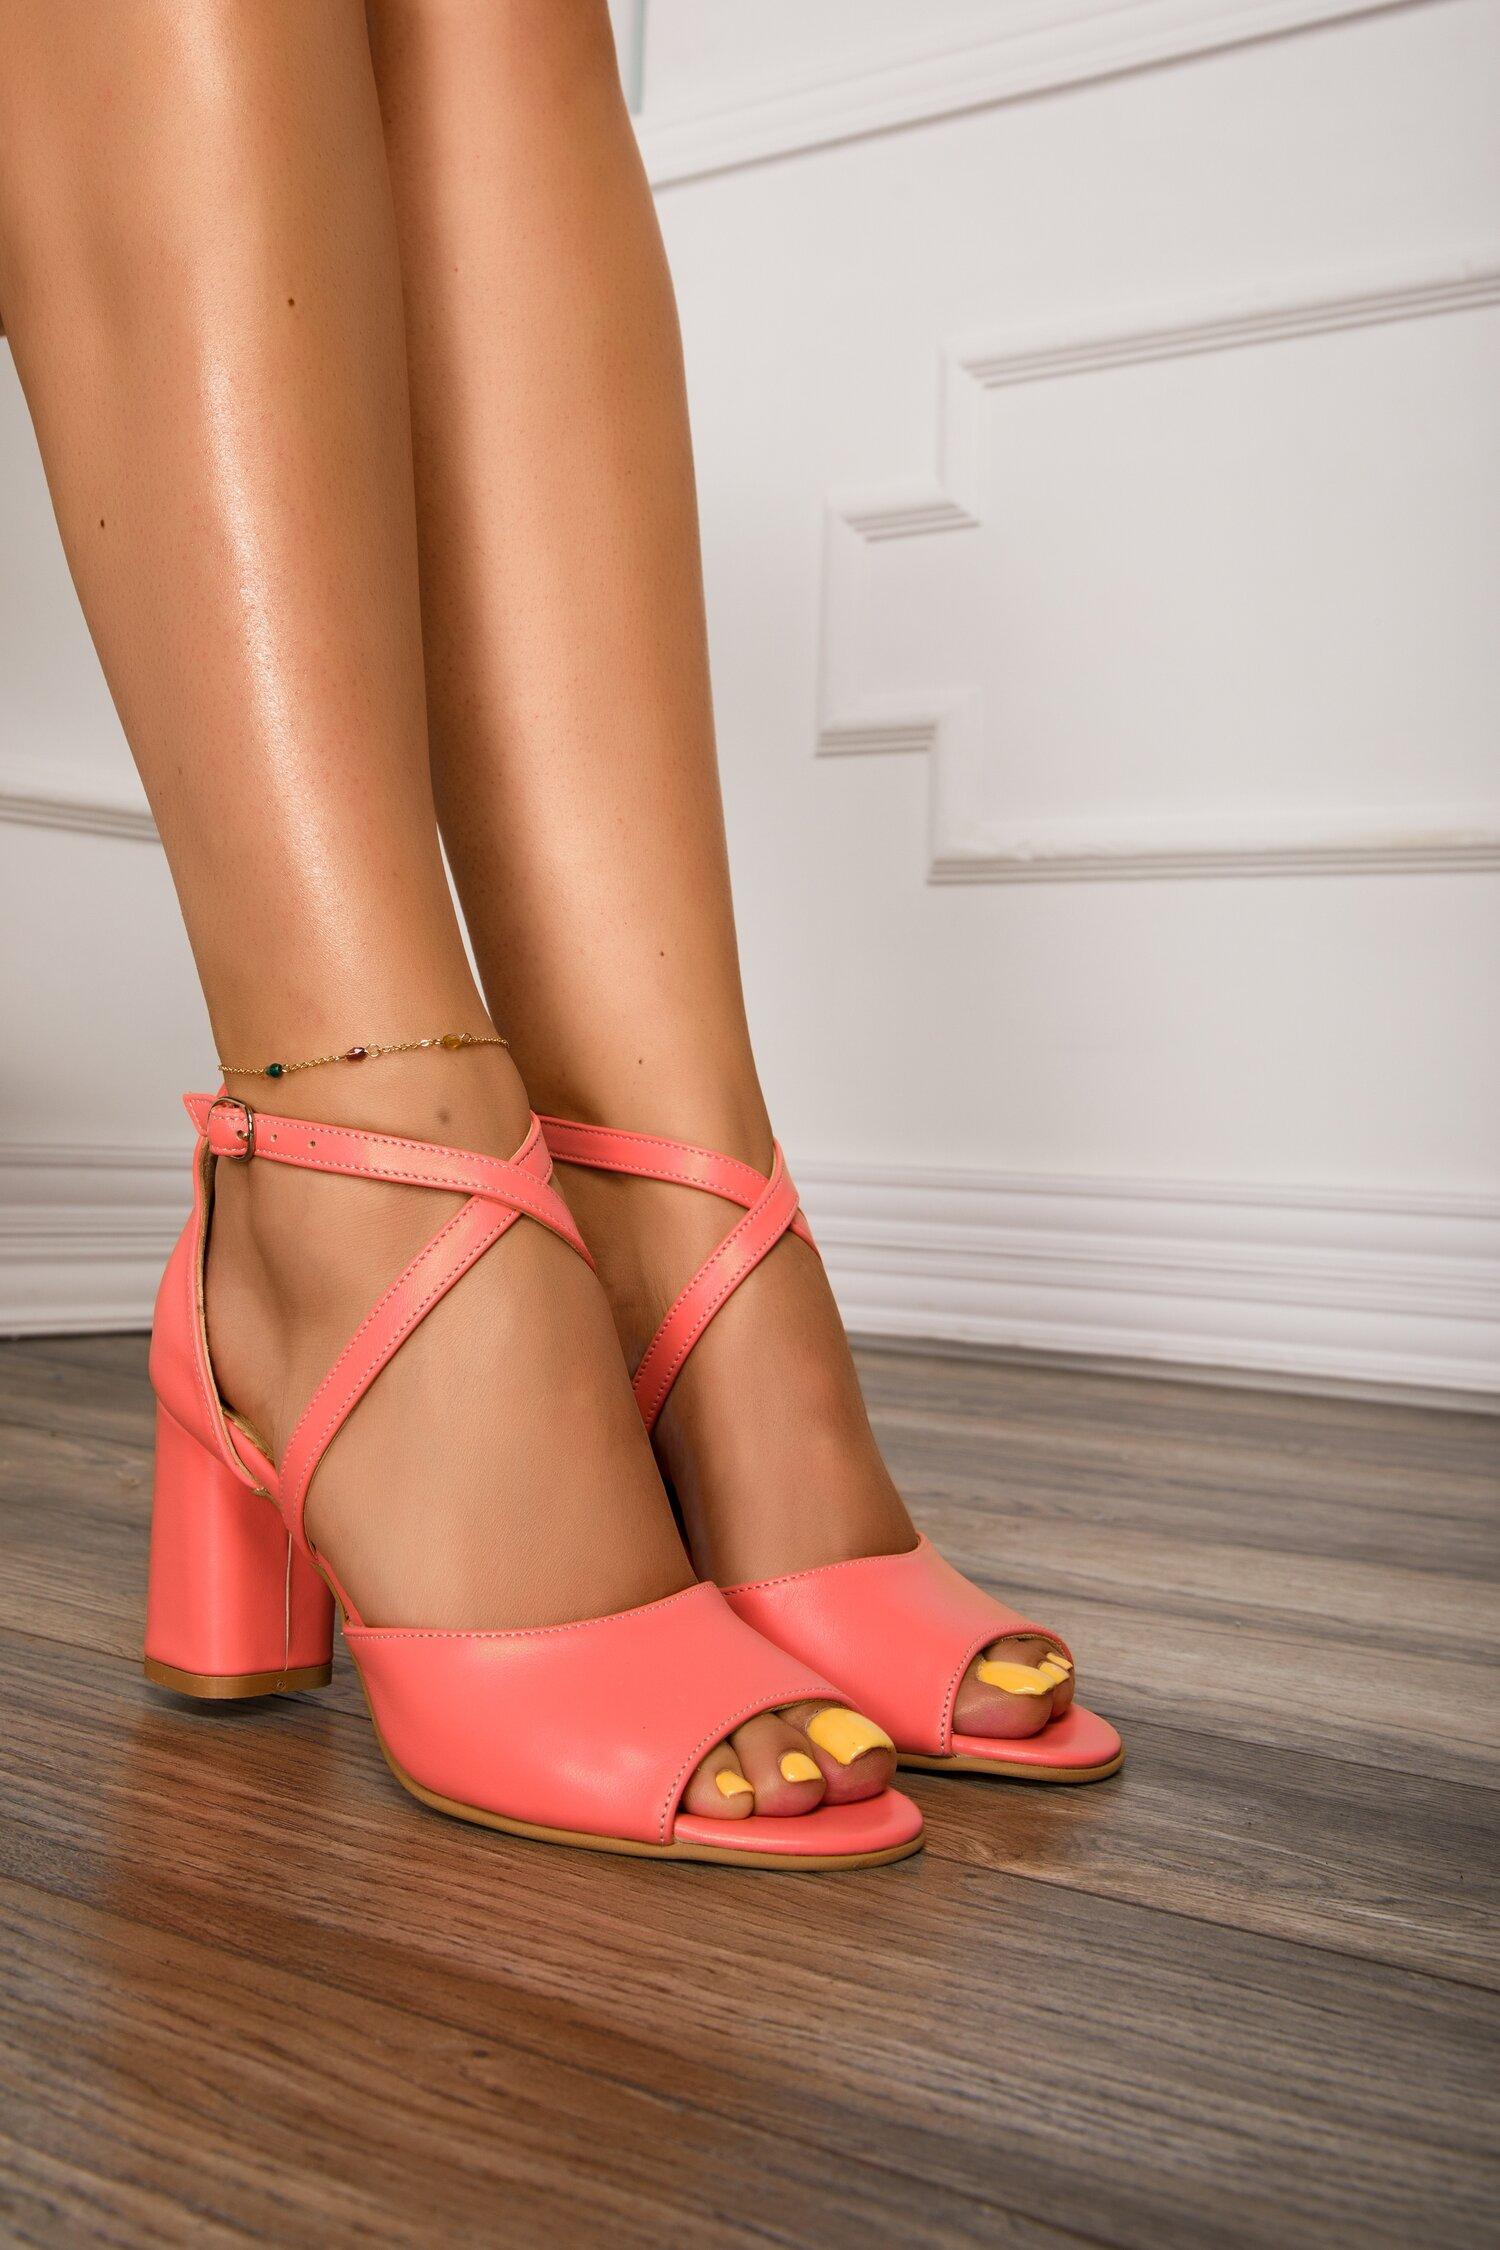 Sandale roz somon cu bretele incrucisate imagine